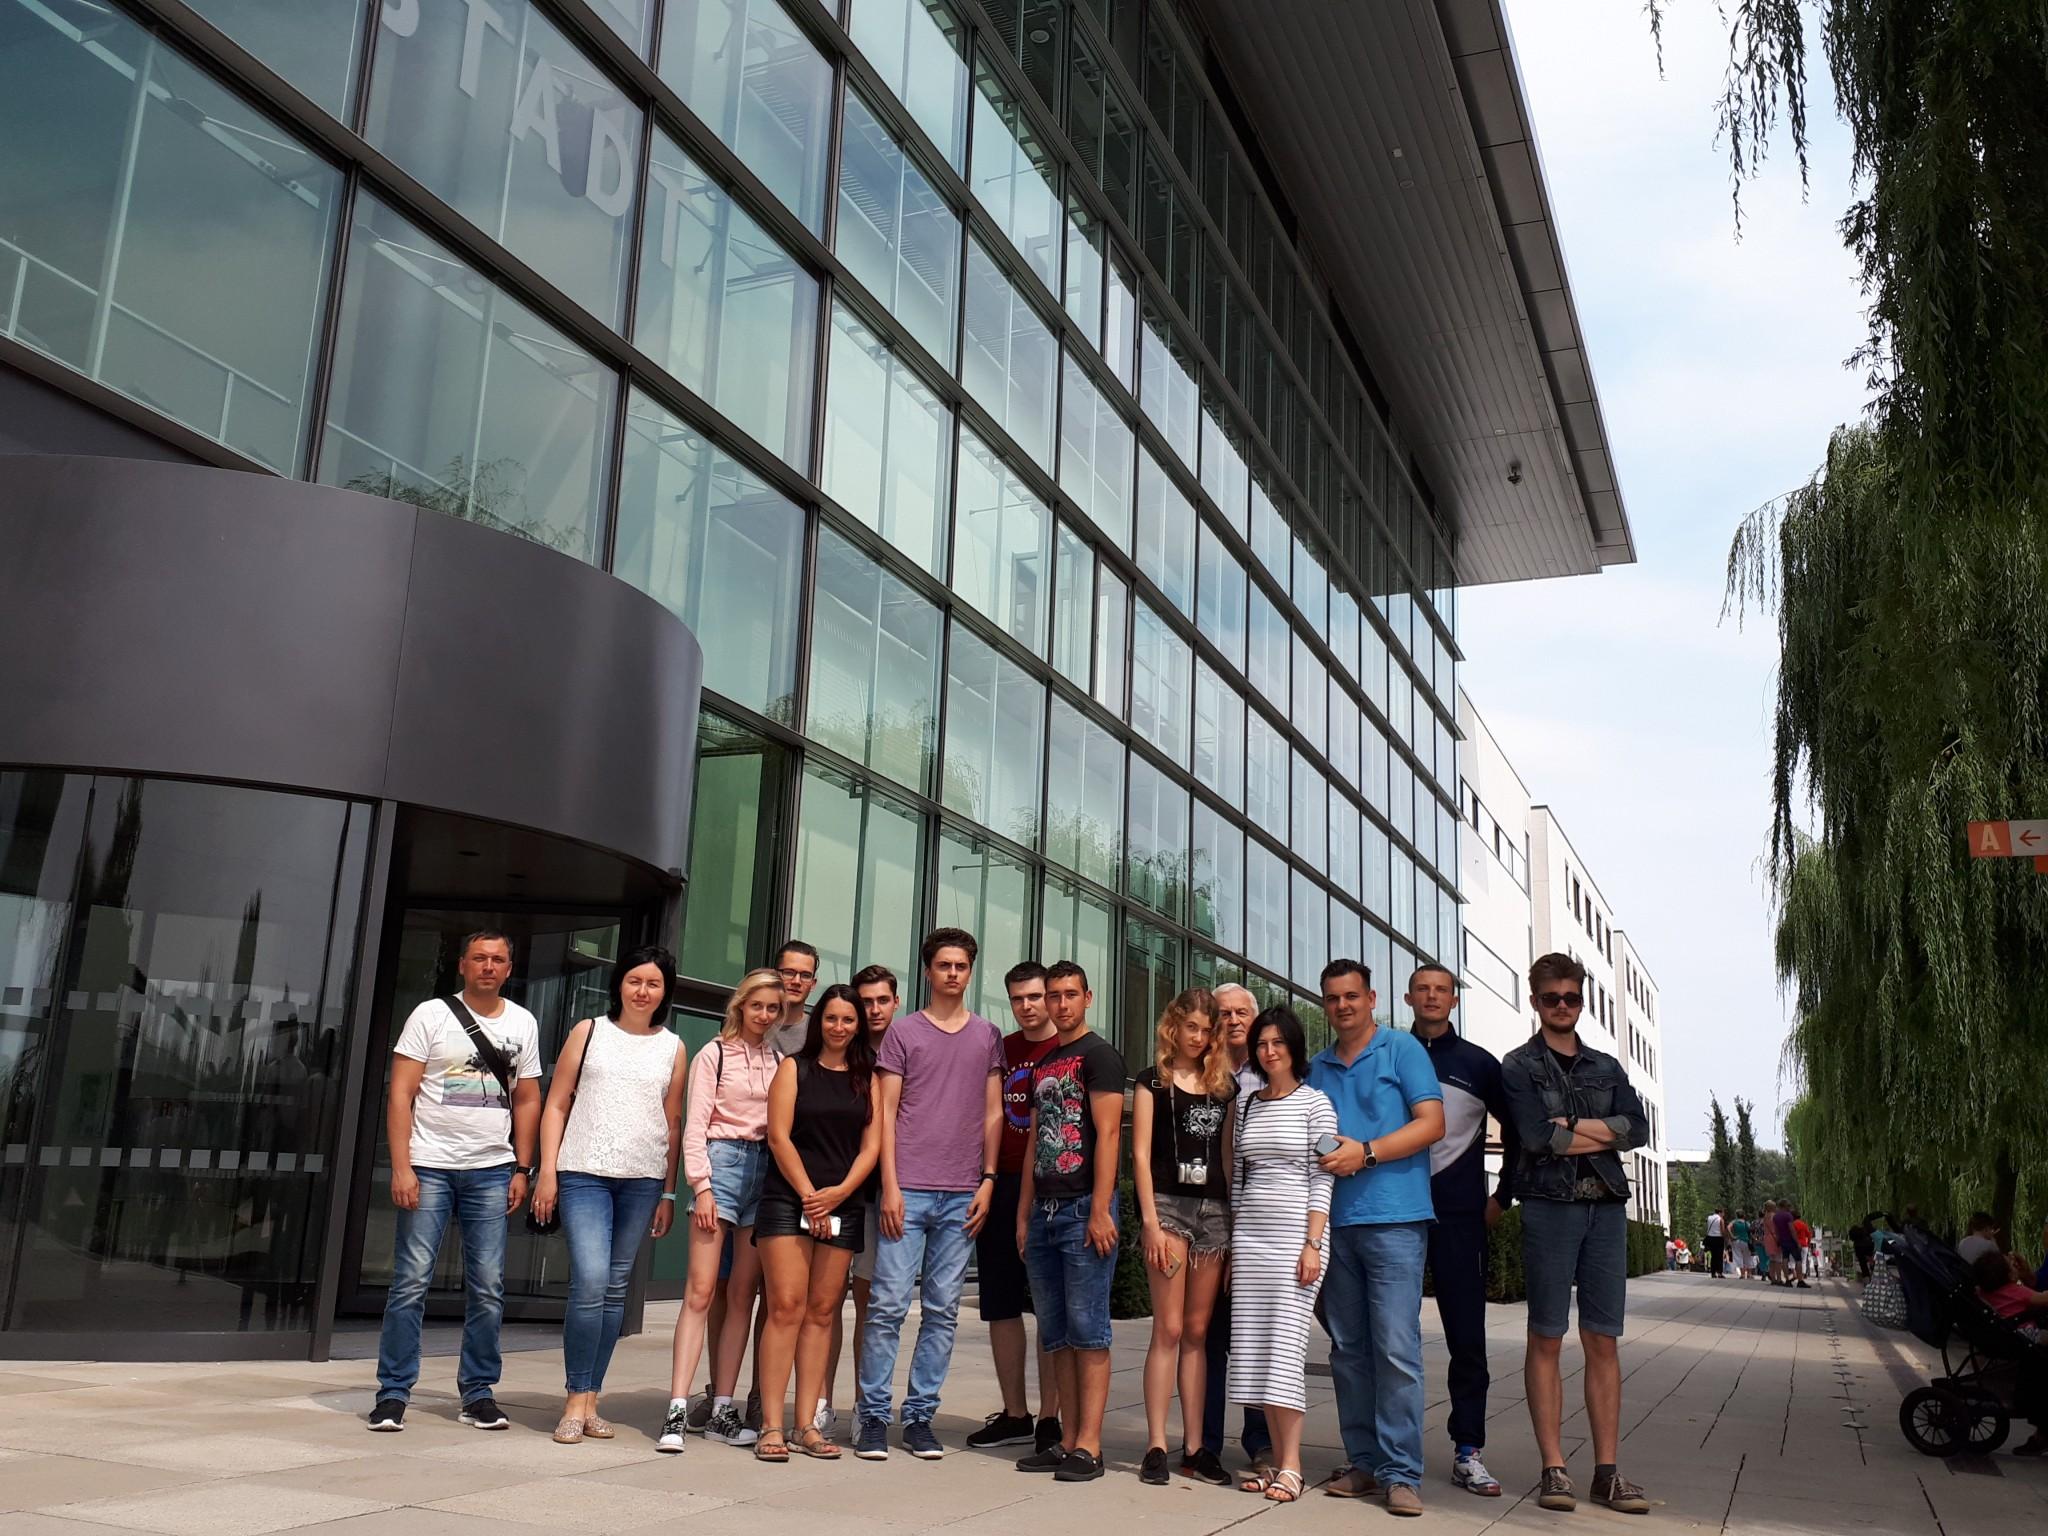 Завершилась работа Міжнародньої літньої школи з розробки додатків для віртуальної реальності у Польщі